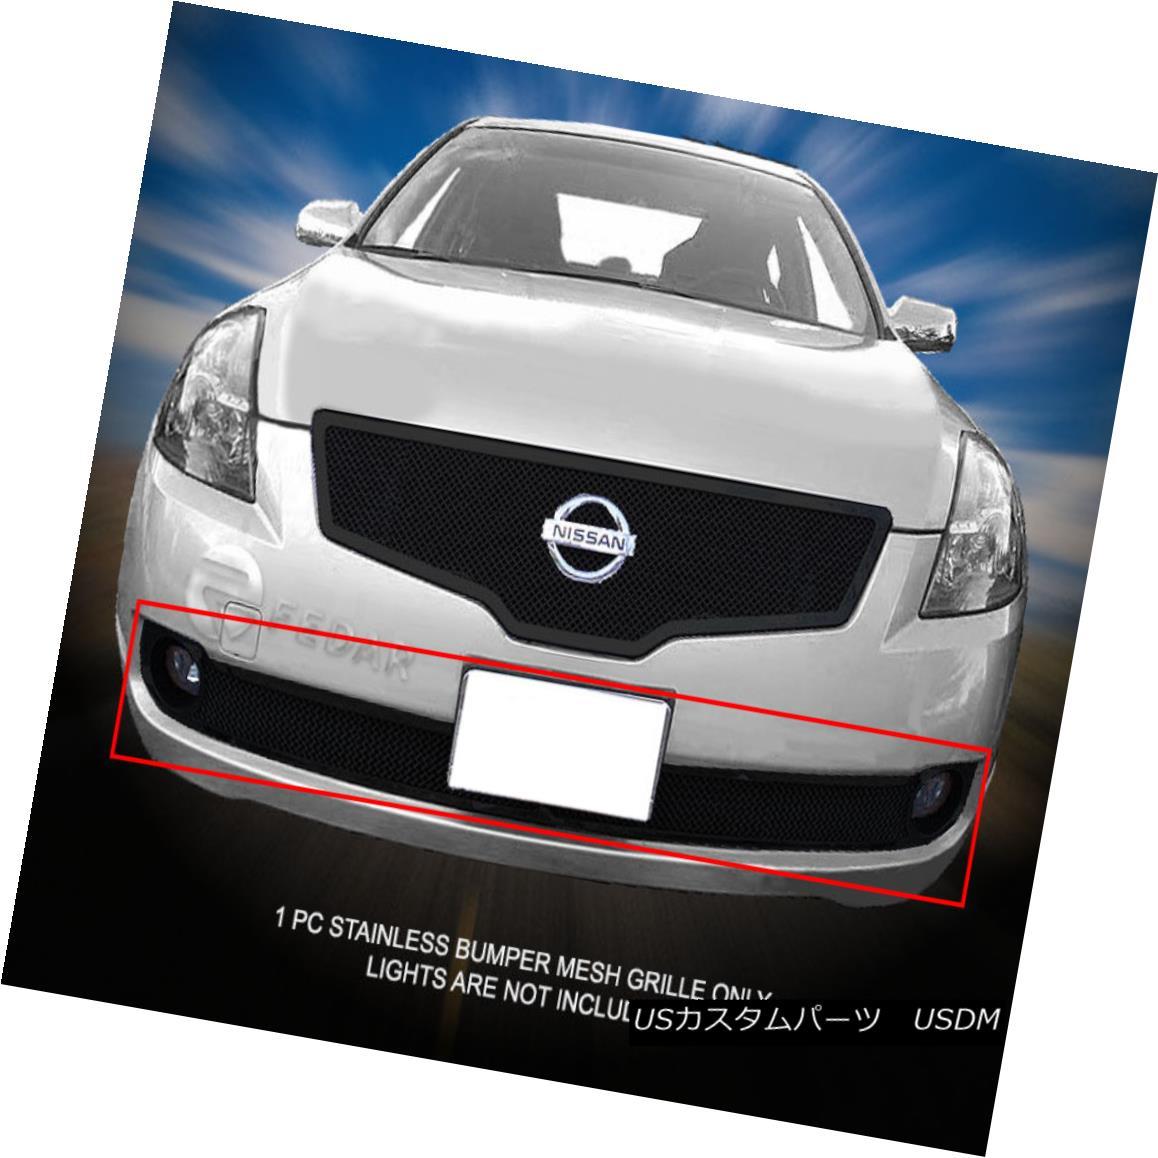 グリル For 07-09 Nissan Altima Sedan Black Stainless Steel Mesh Grille Bumper Fedar 07-09日産アルティマセダンブラックステンレスメッシュグリルバンパーフェルダー